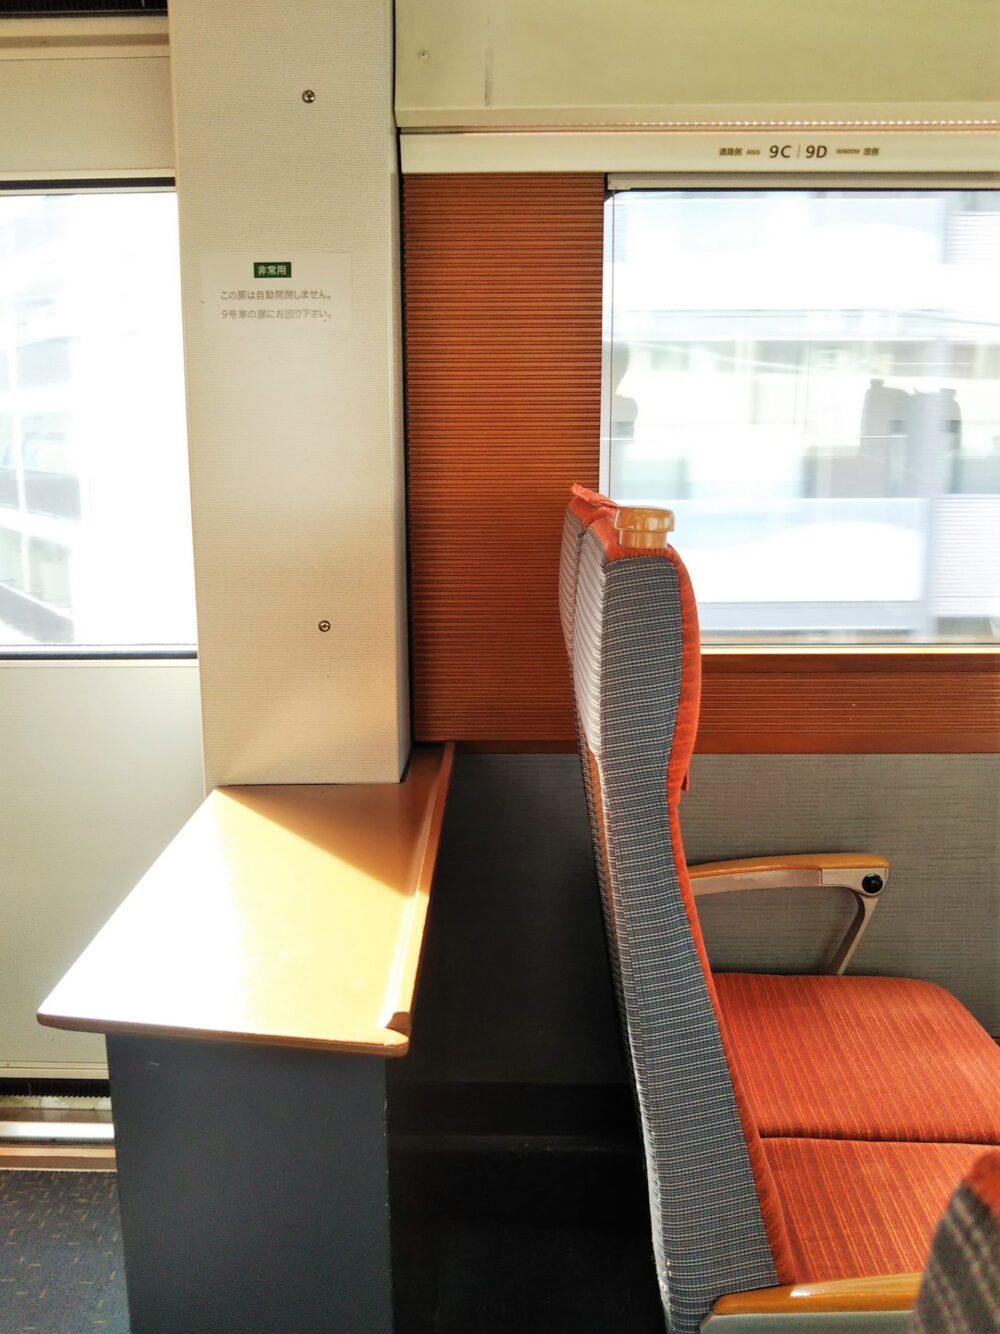 特急ロマンスカーVSEの展望席4列目の座席後ろにあるテーブル